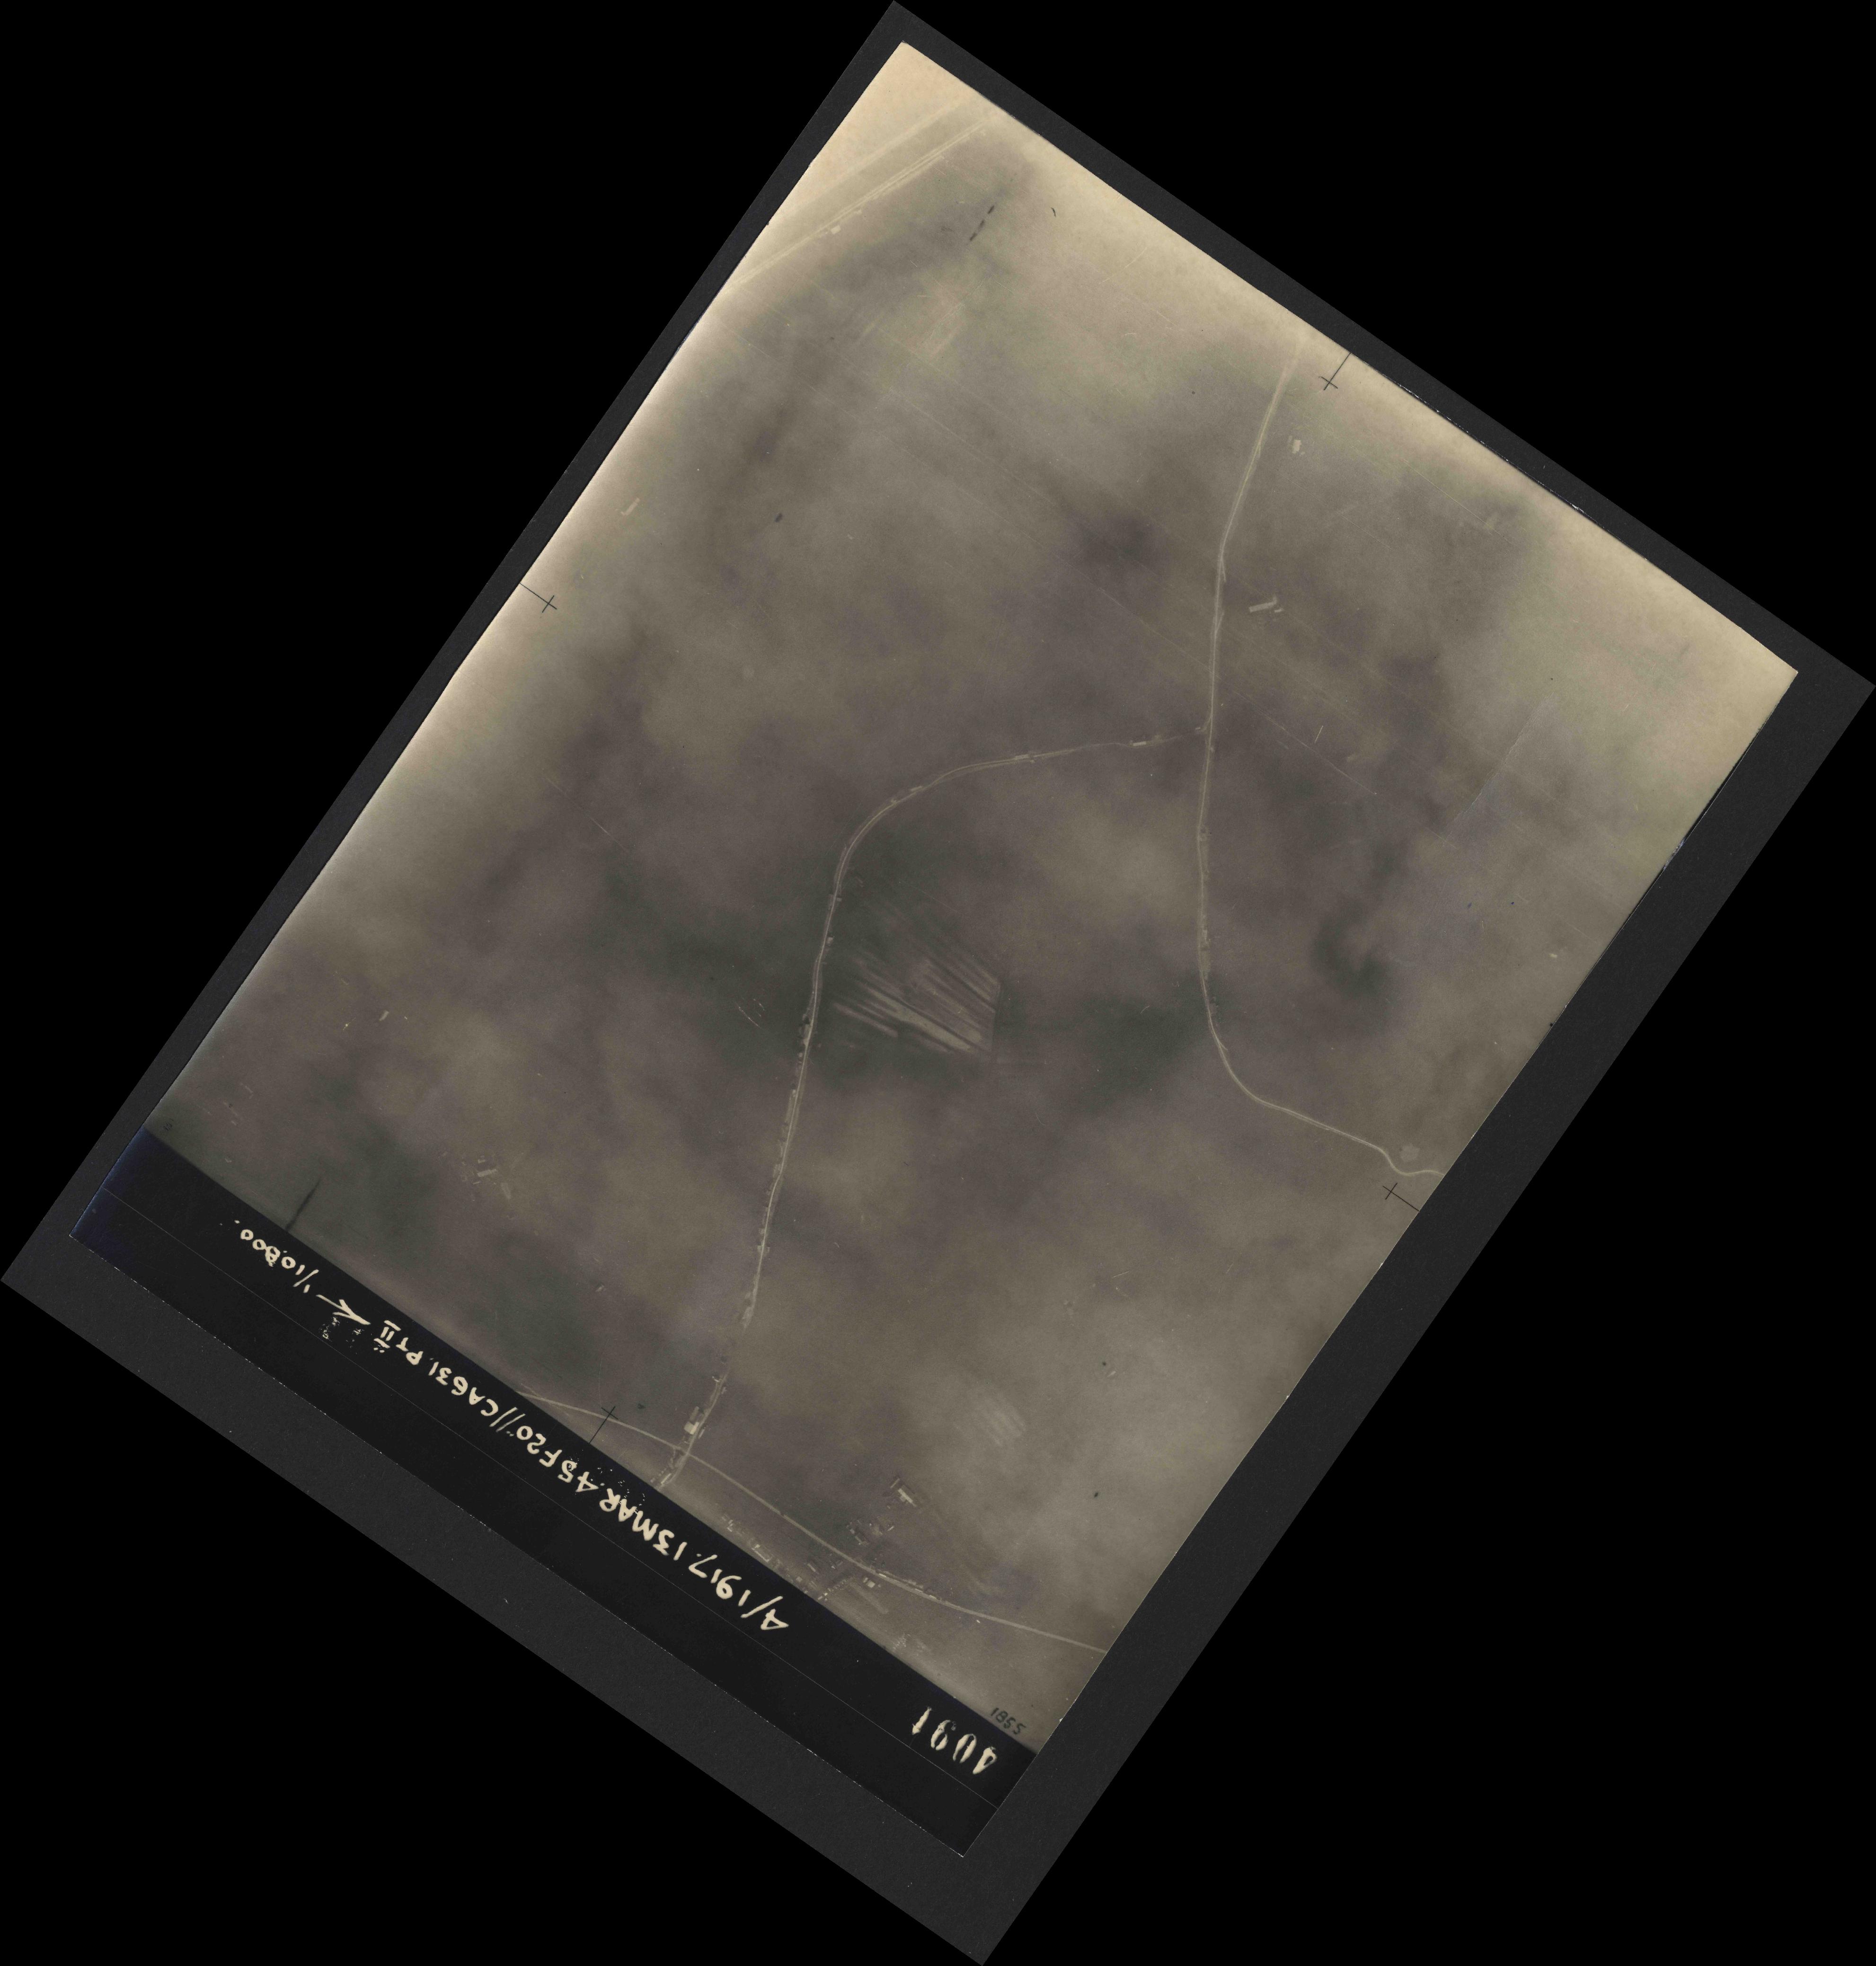 Collection RAF aerial photos 1940-1945 - flight 093, run 08, photo 4091